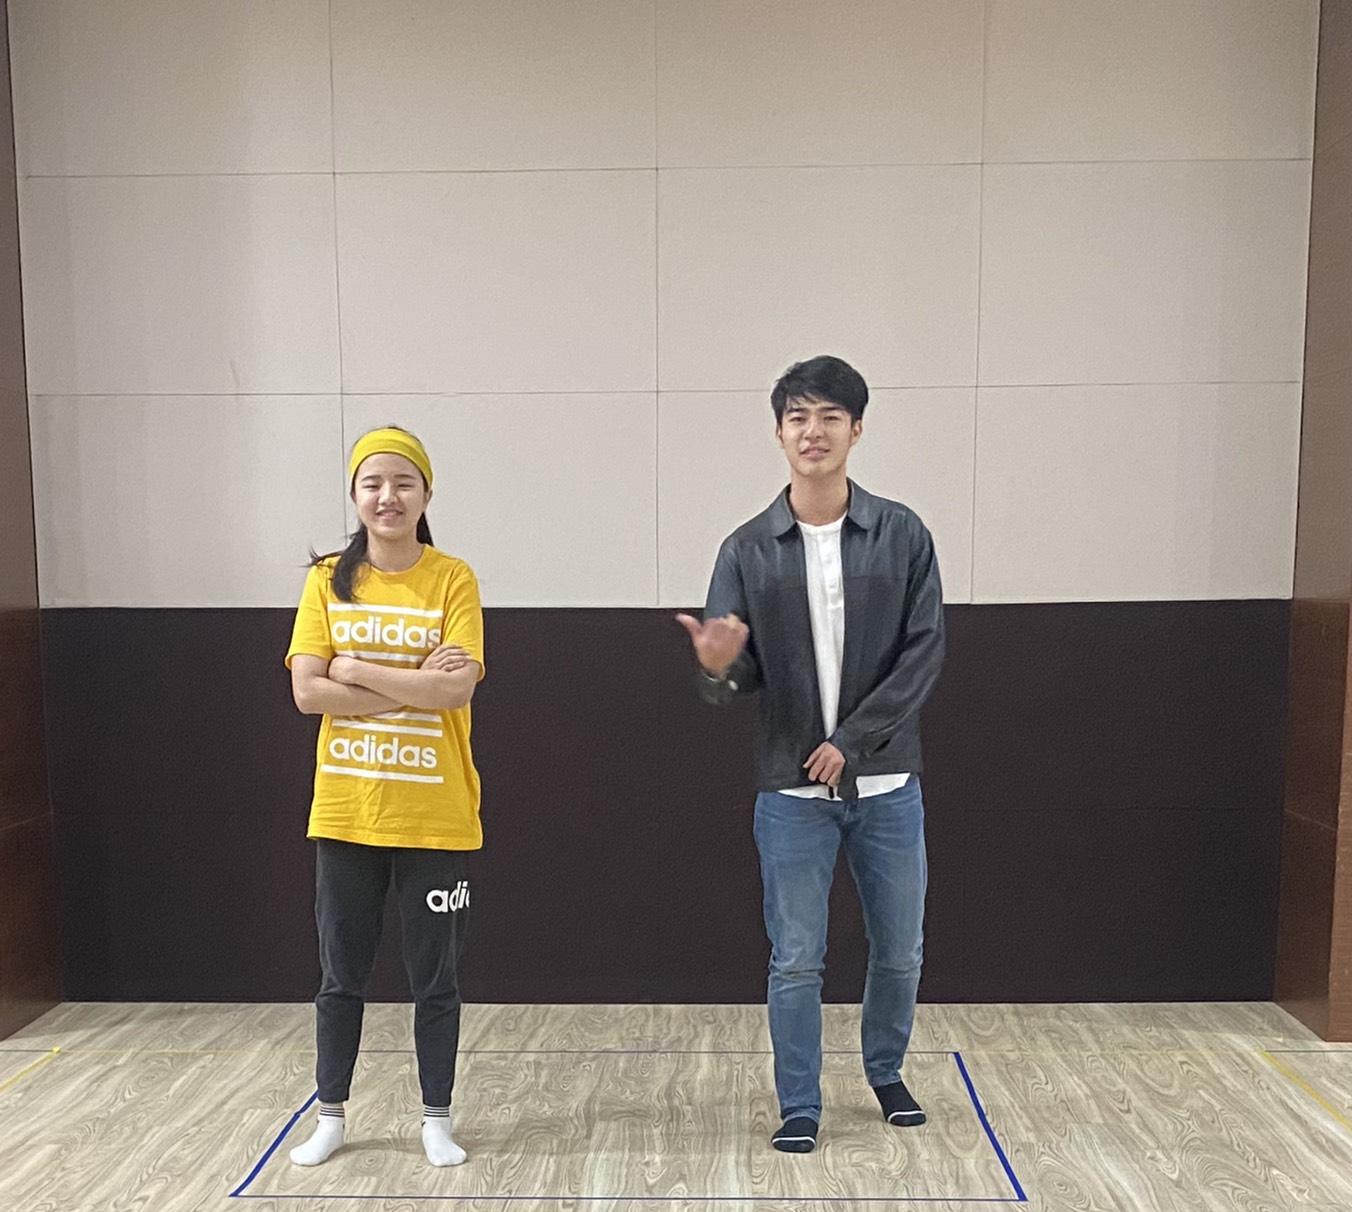 金馬新演員獎擦身而過 醒吾科大陳昊森平常心看待-表演藝術系